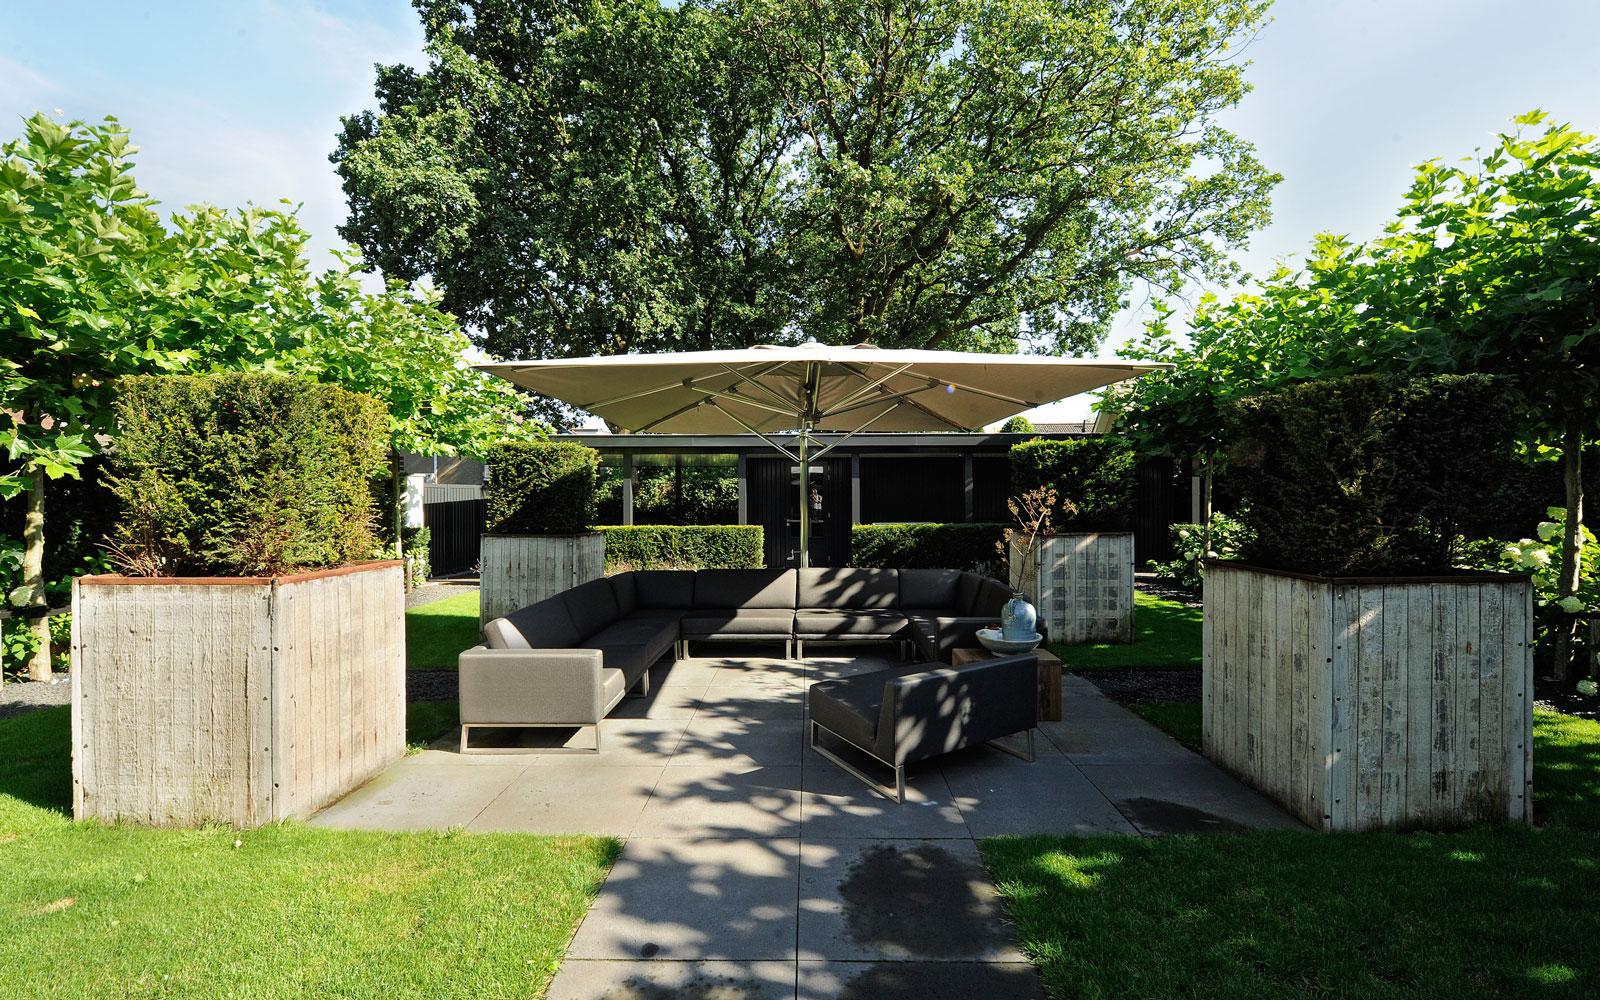 Tuin, tuinmeubelen, parasol, Tuuci, metamorfose, Boxxis Architecten